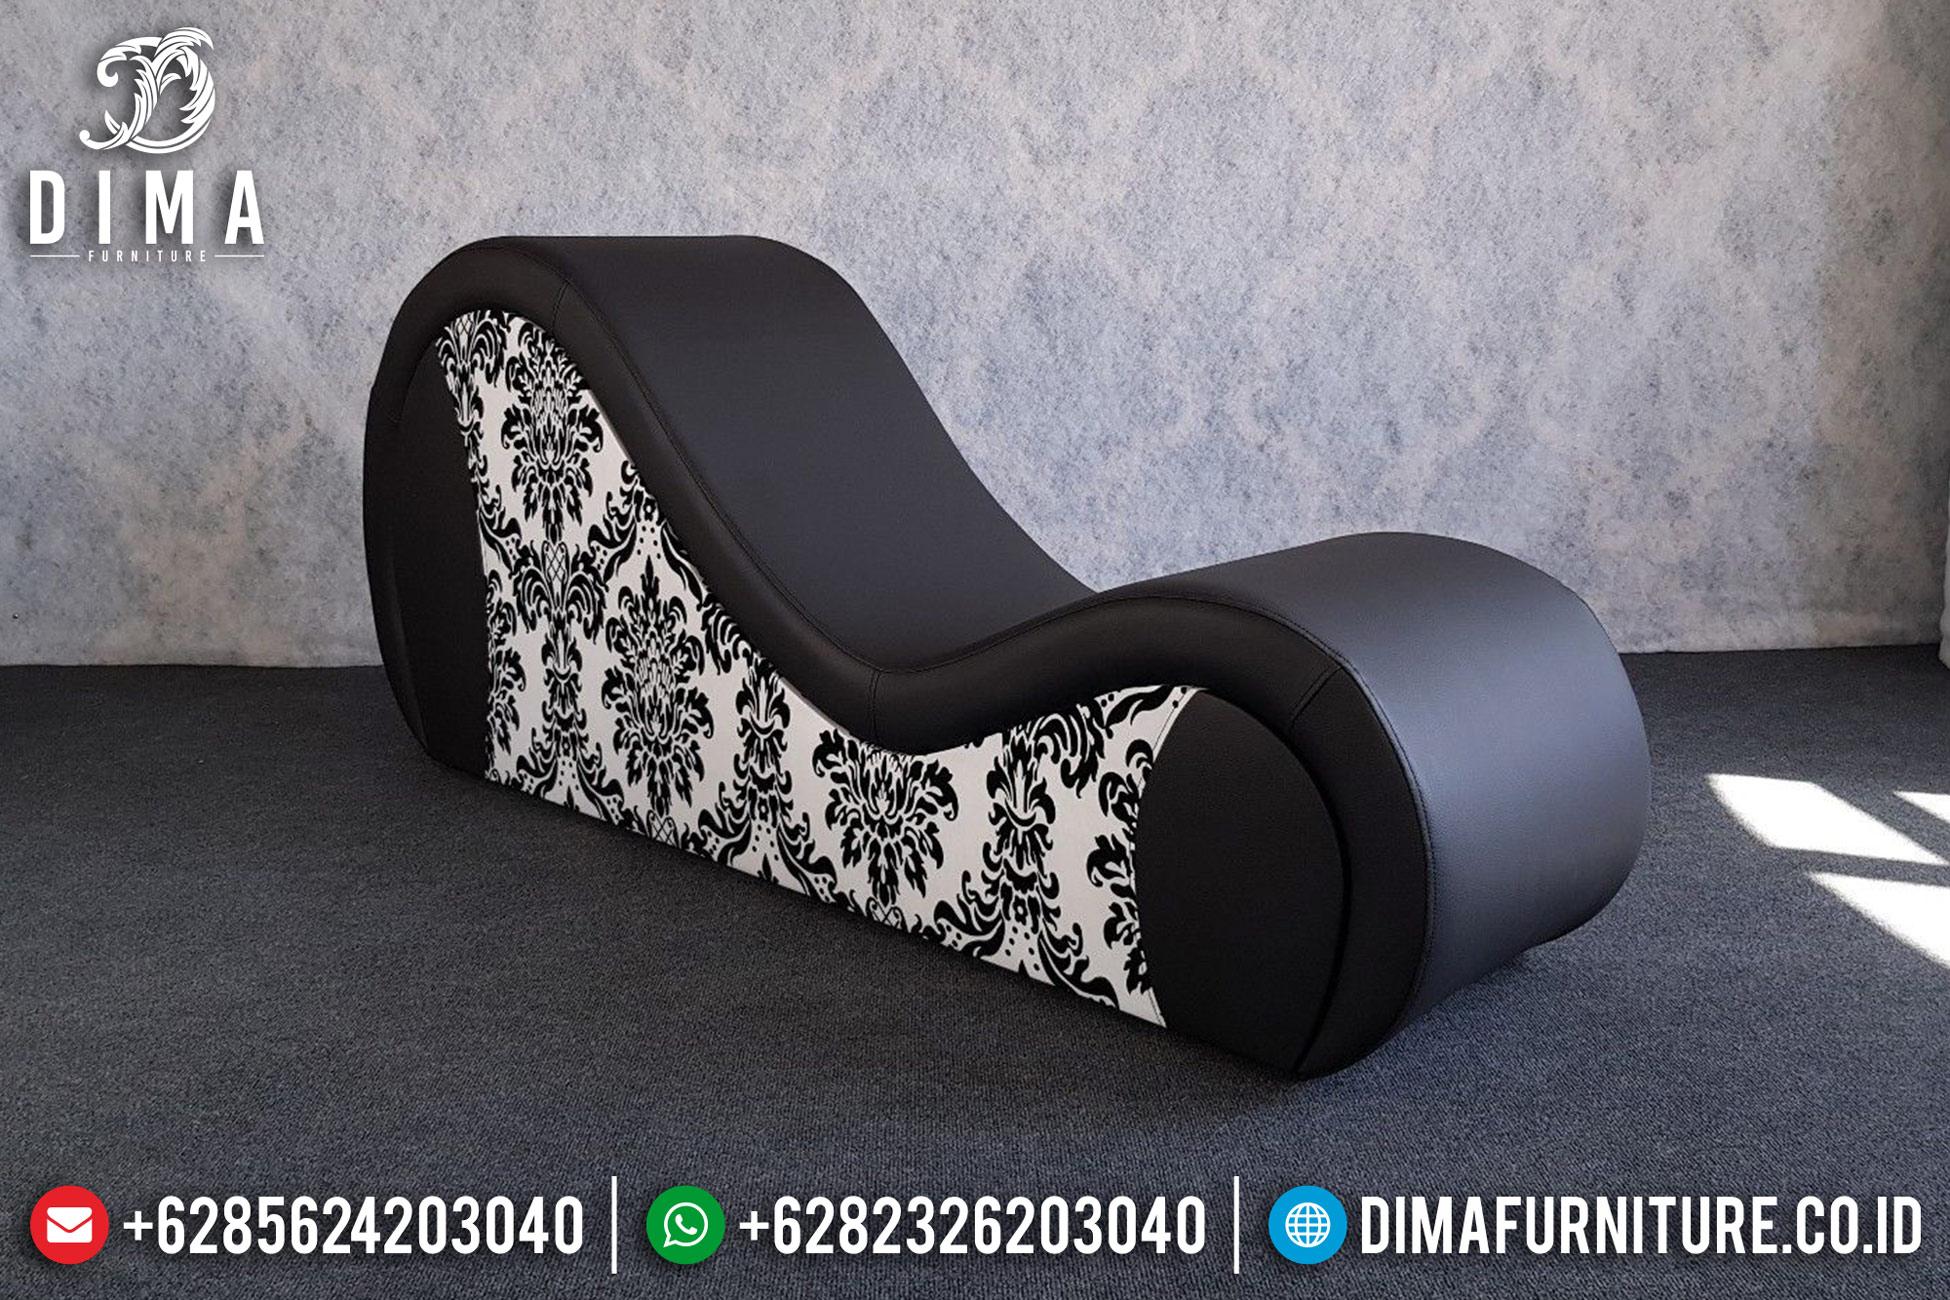 Sofa Sex Terbaru, Sofa Santai Minimalis, Sofa Bercinta Tantra DF-0768